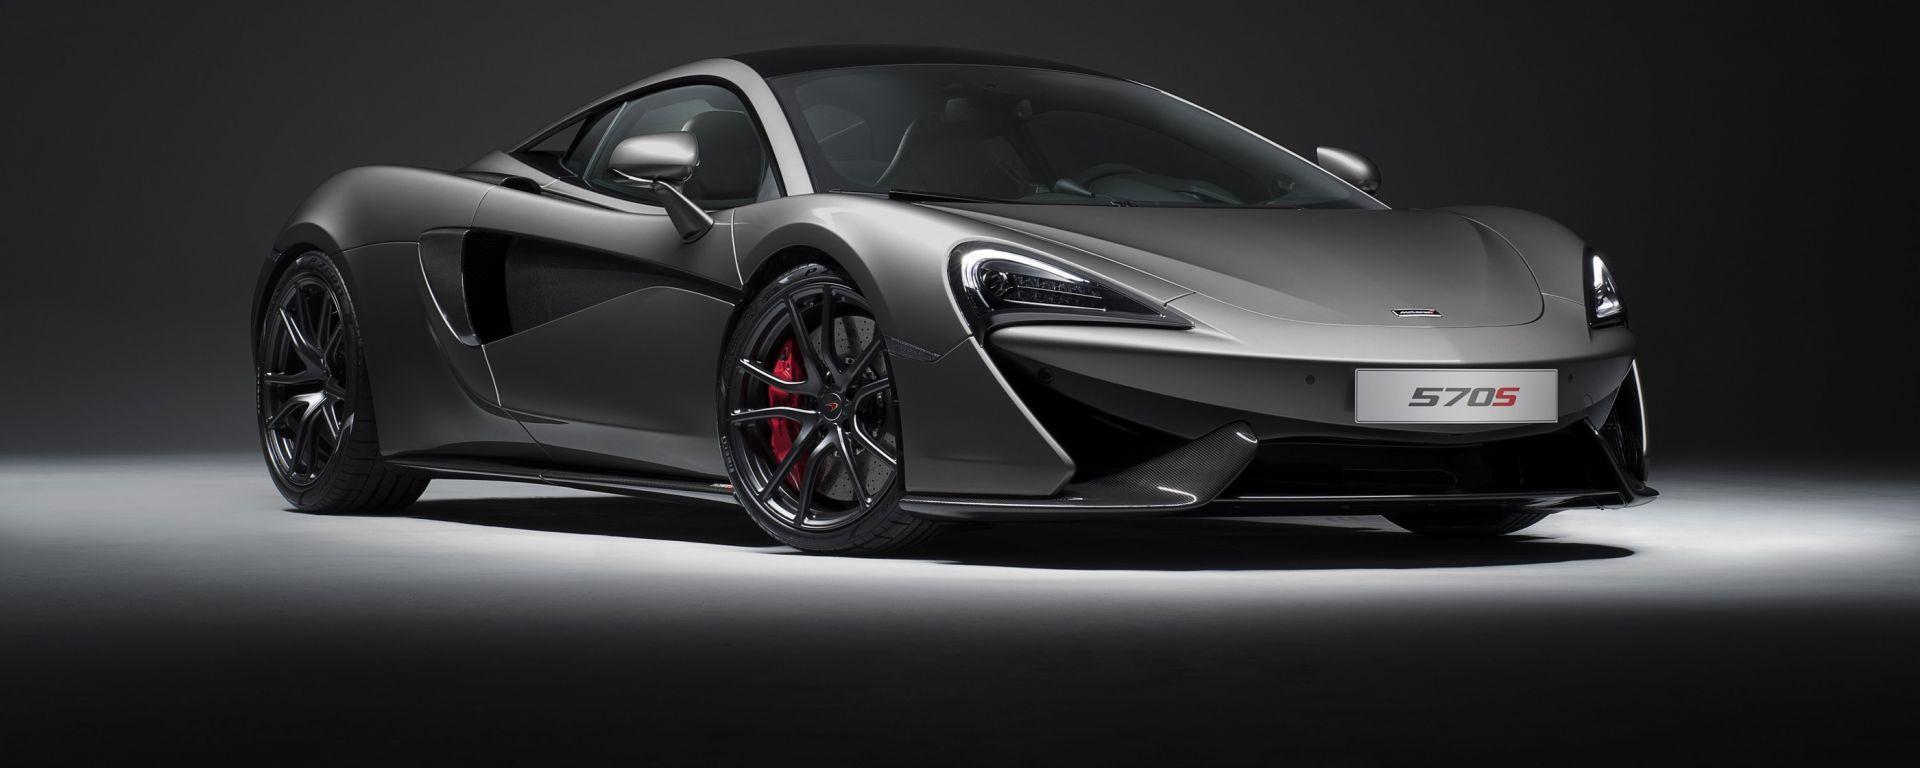 McLaren 570S: la coupé inglese ora disponibile con Track Pack